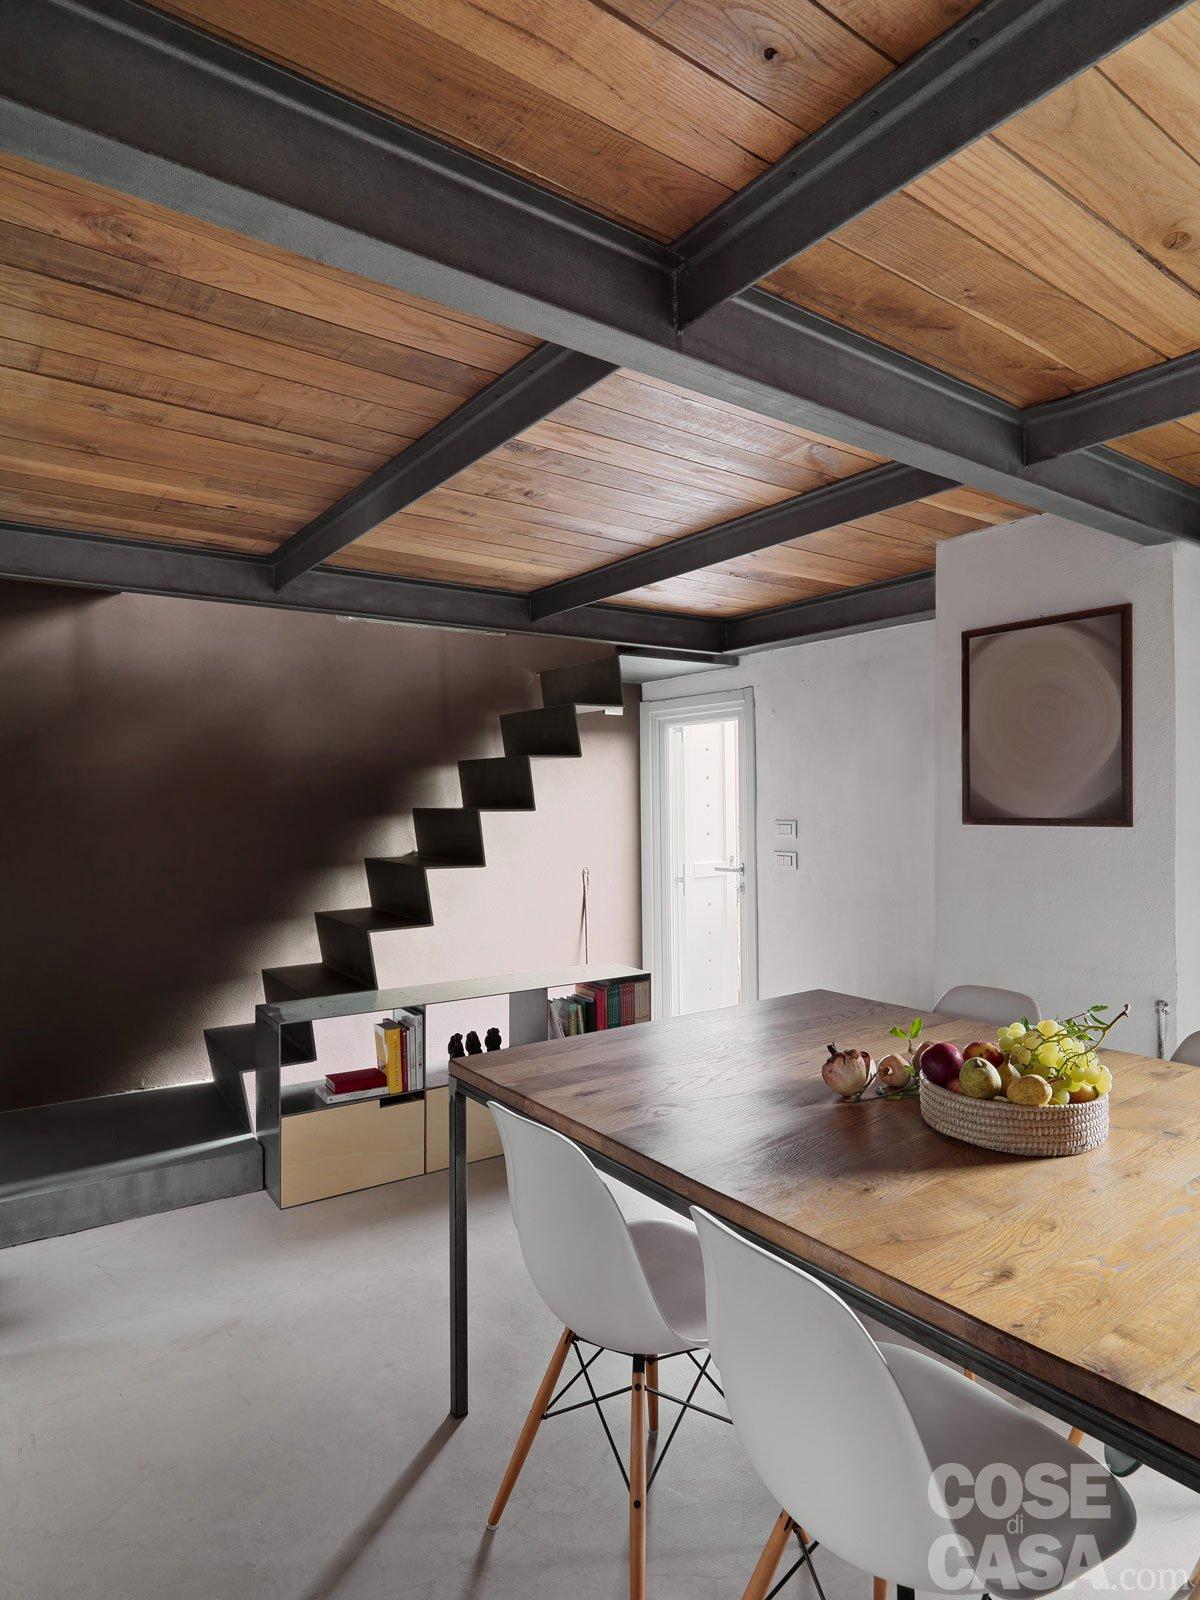 65 mq una casa che si sviluppa in verticale cose di casa - Struttura in ferro per casa ...